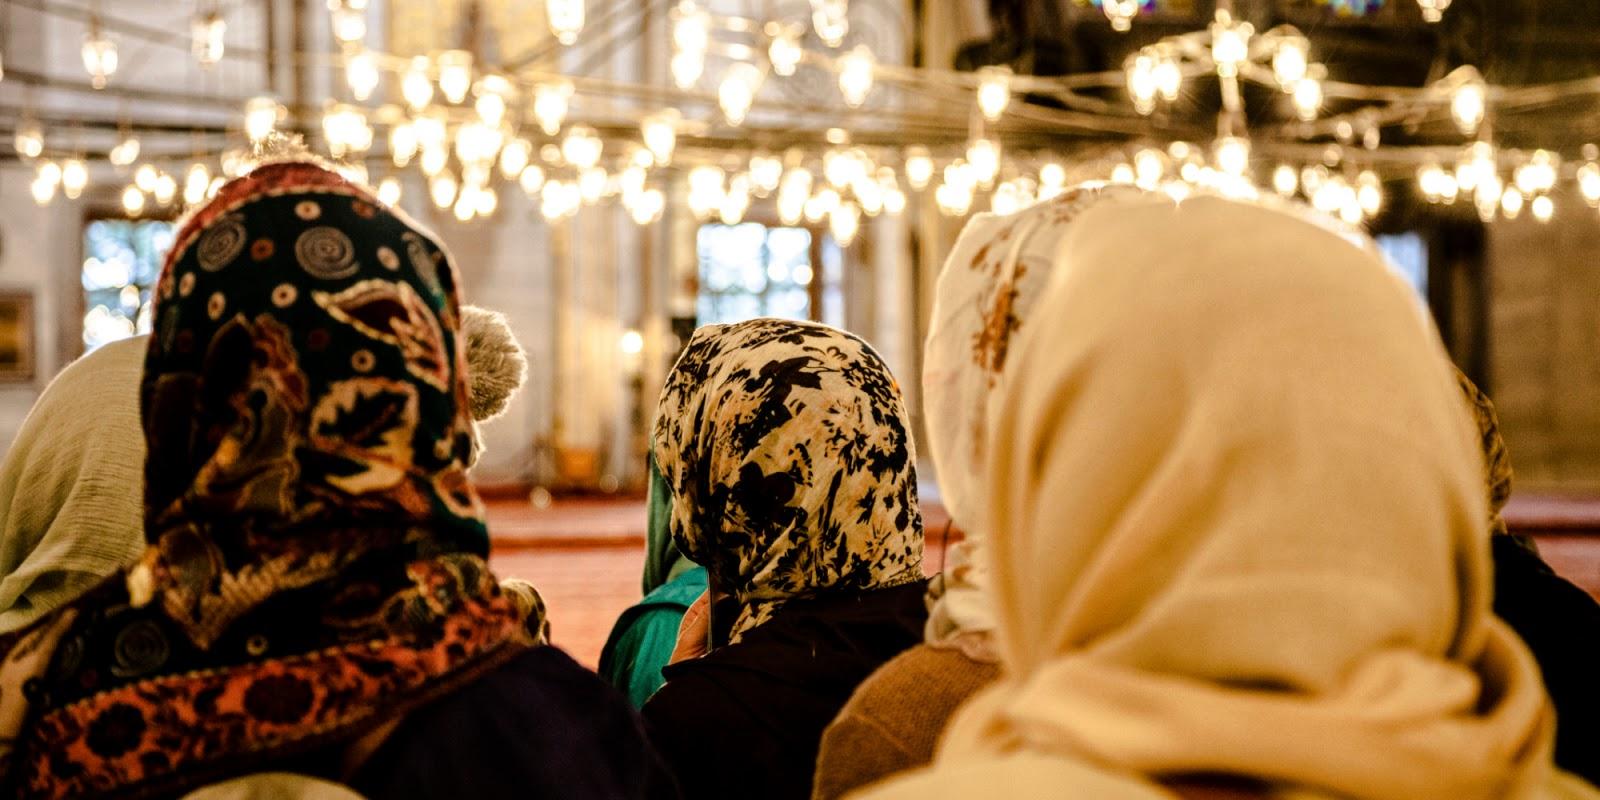 Menggagas Tempat Khusus Wanita Haid di Area Masjid